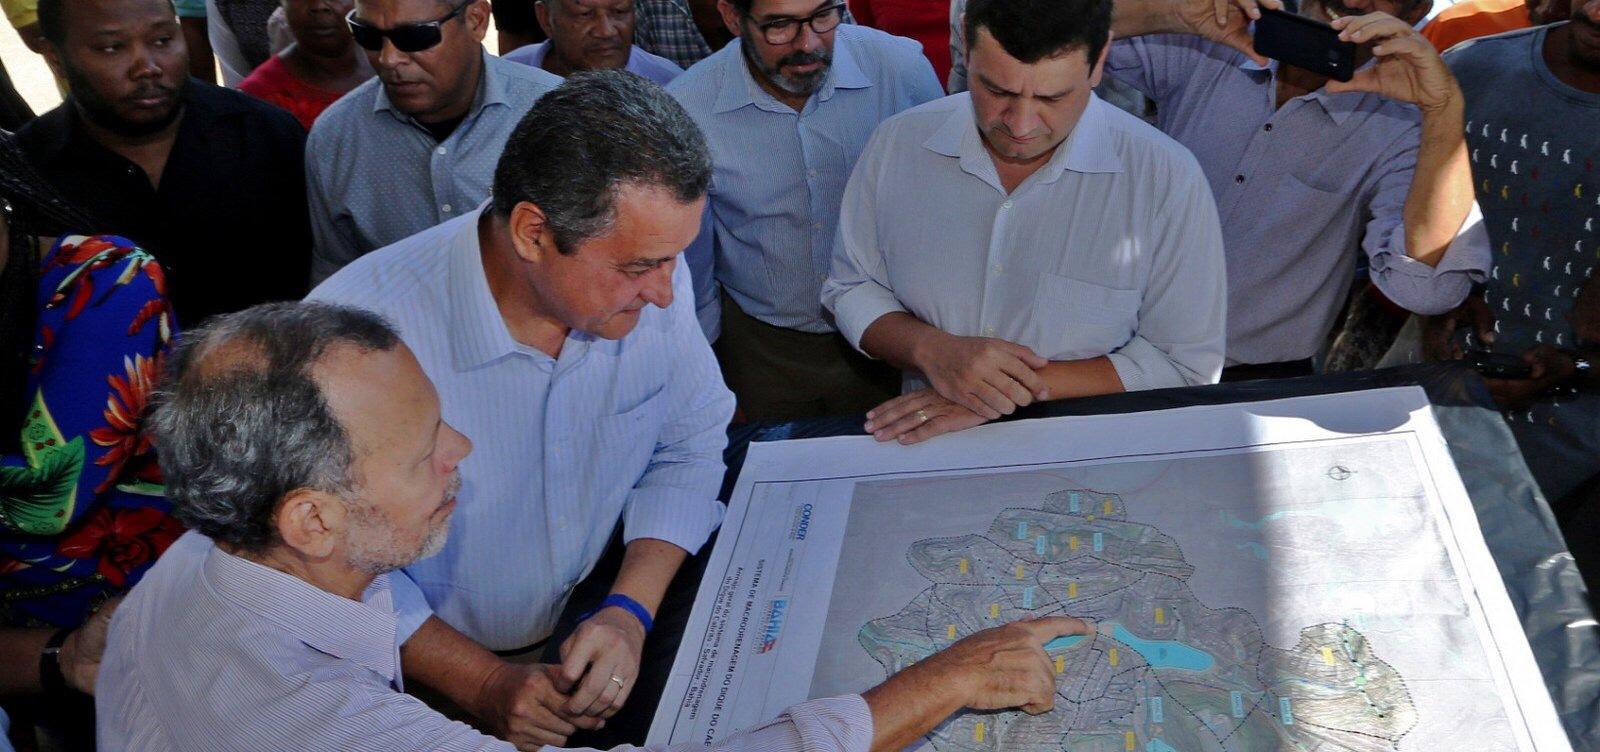 Se Lula não for candidato, Judiciário 'vai passar a ter descrédito' do povo, diz Rui Costa